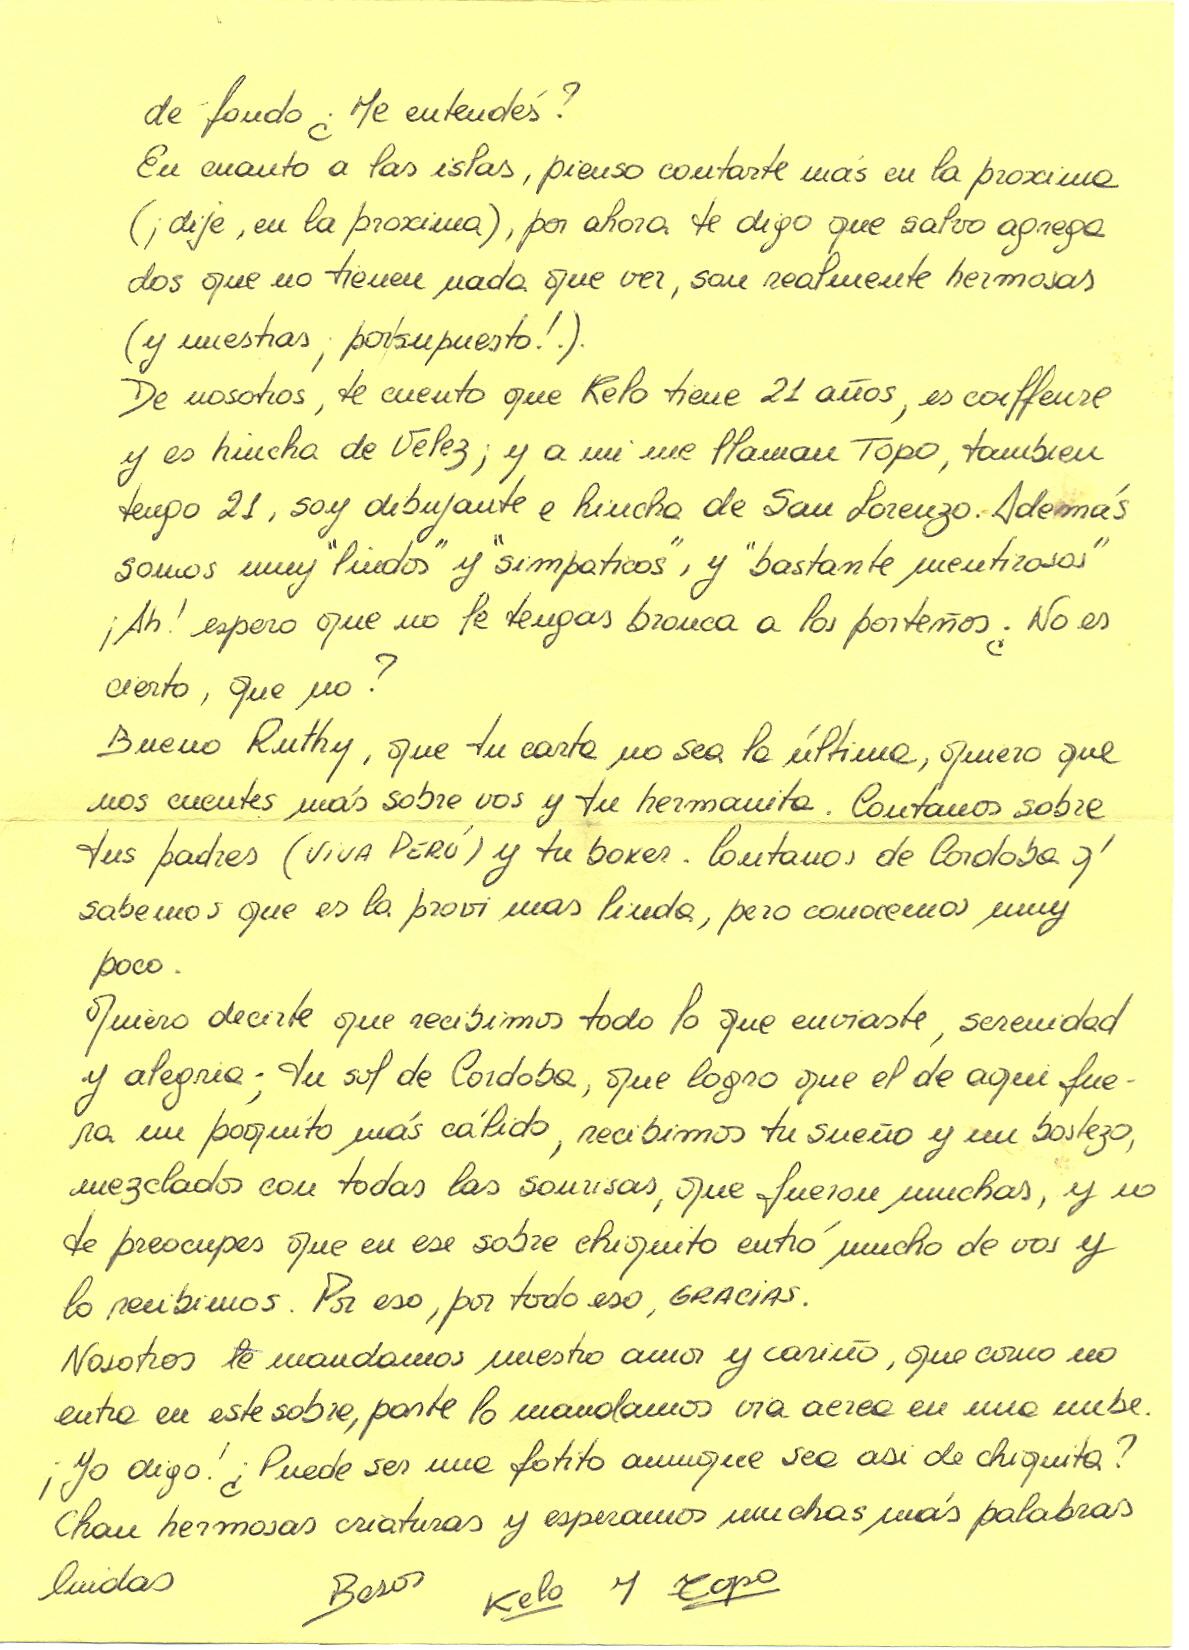 Una Carta De Perdon Para Inmigracion